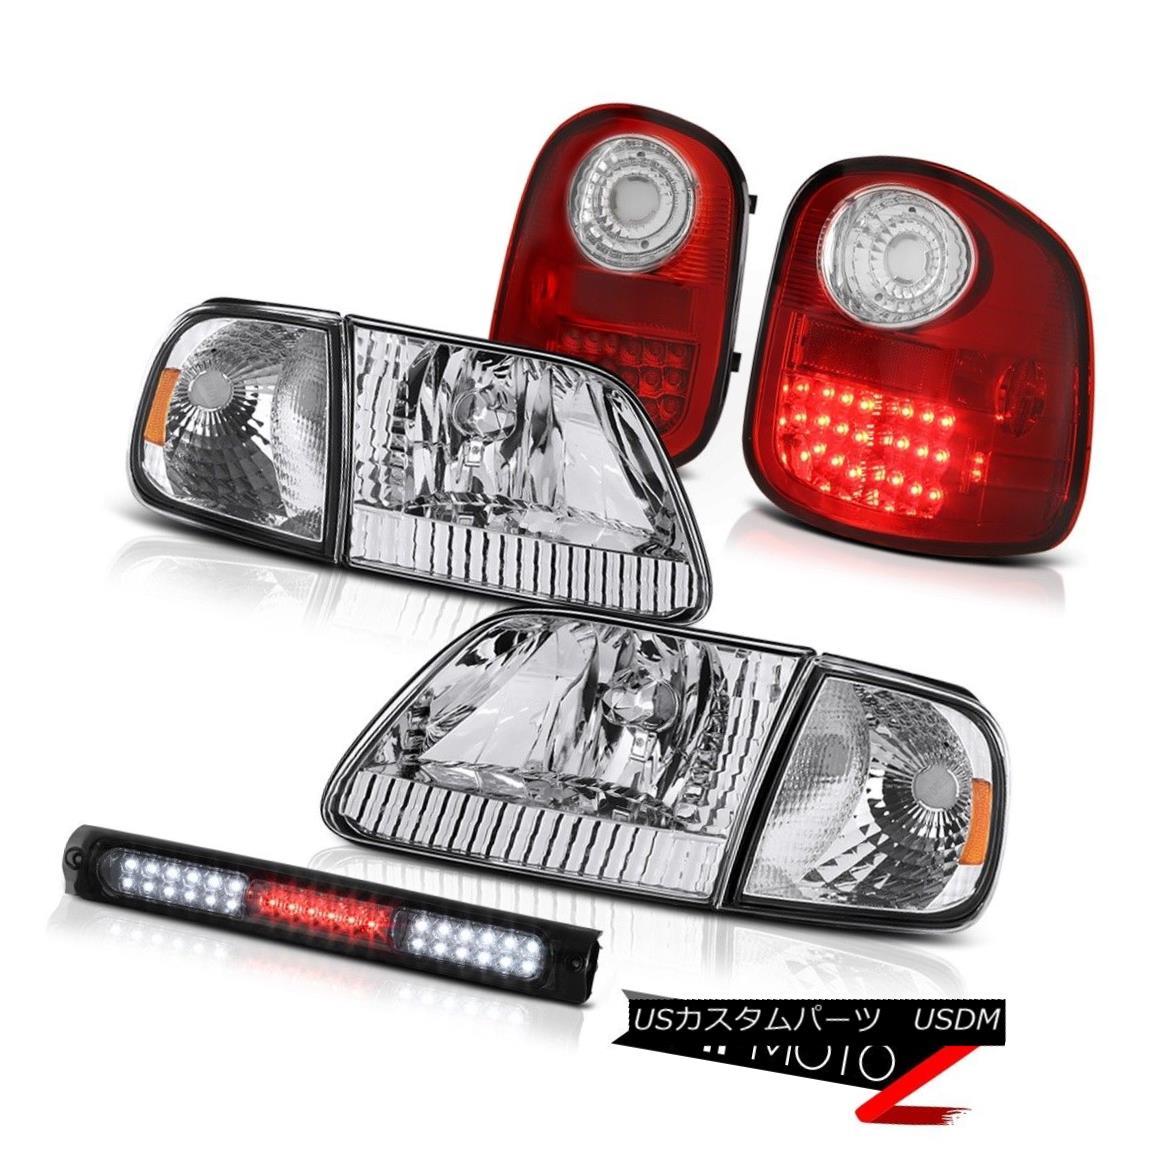 テールライト 1997-2003 F150 Flareside Headlight Parking Red LED Signal Tail Light Brake Cargo 1997?2003年F150フラレイドヘッドライトパーキングレッドLEDシグナルテールライトブレーキカーゴ